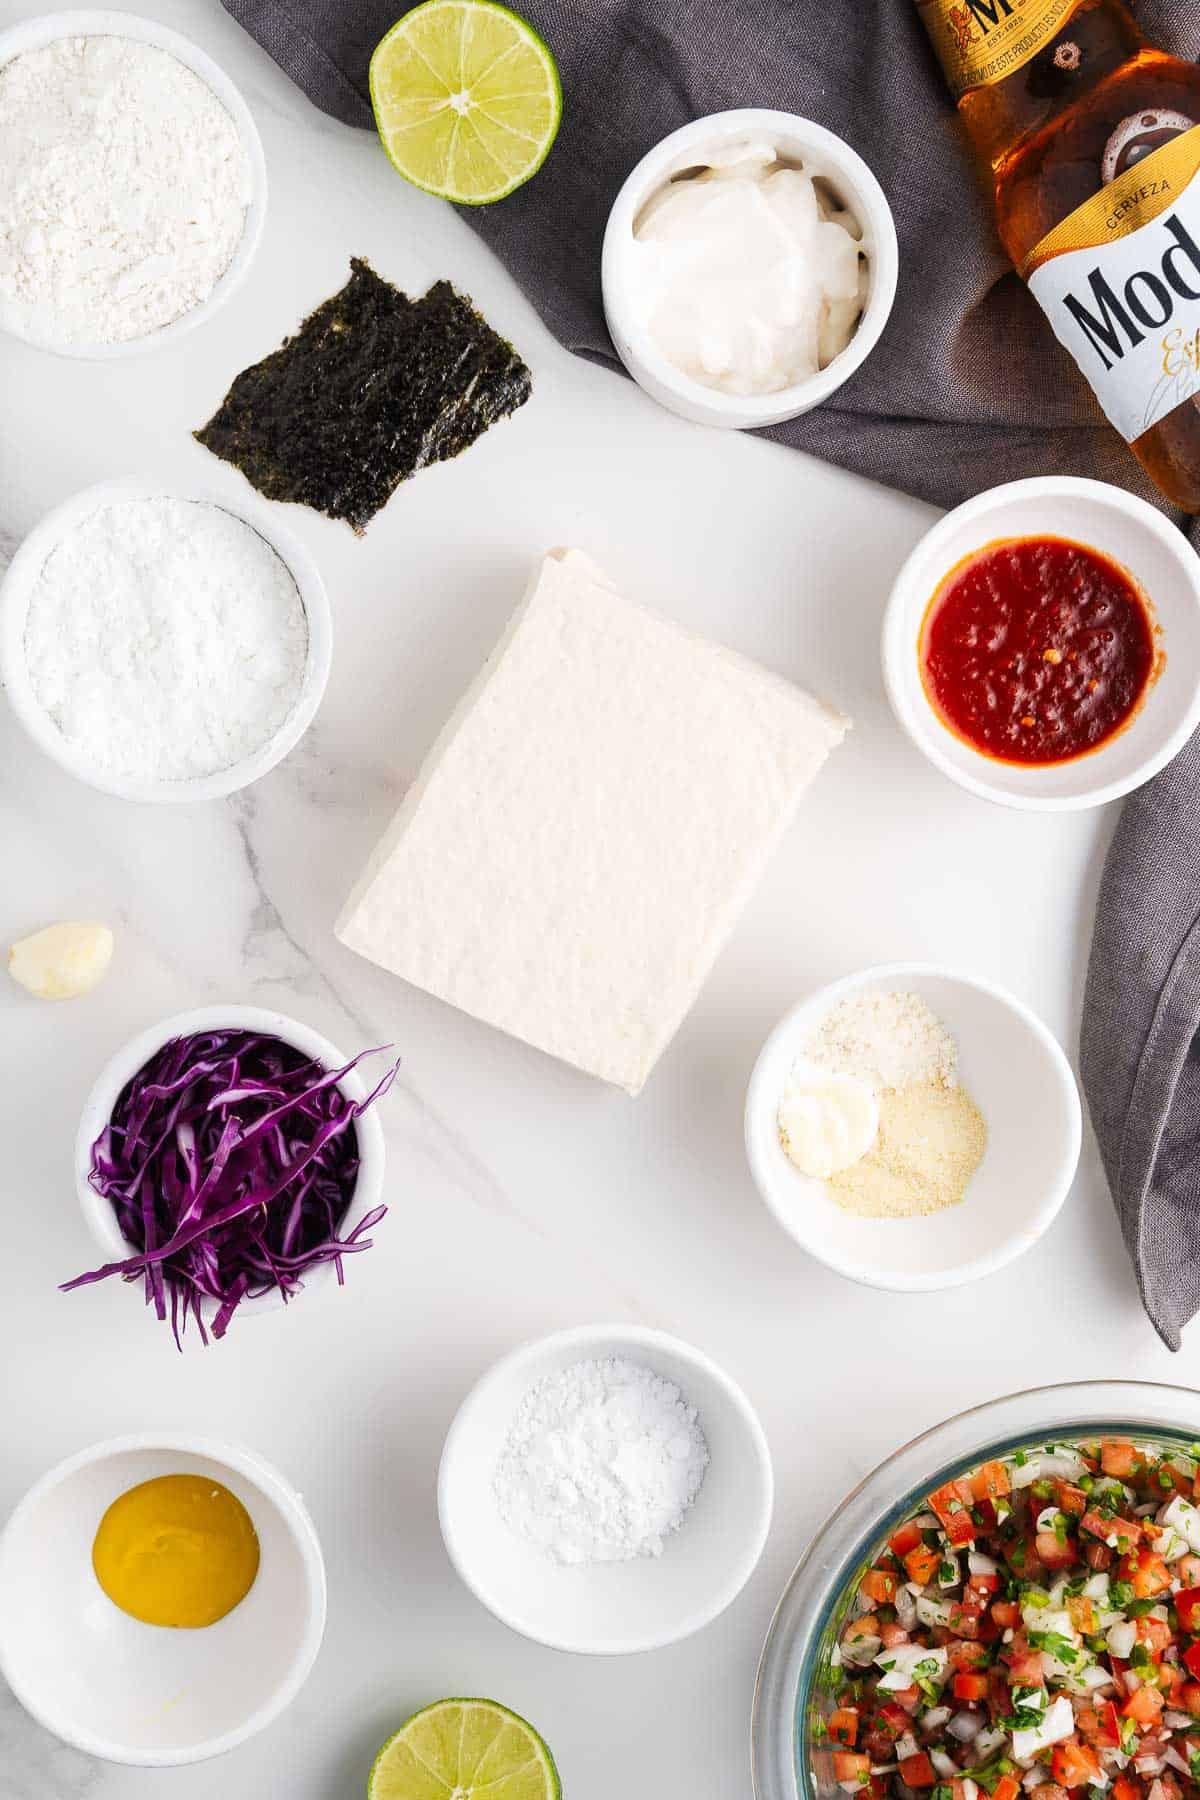 Vegan Fish Taco ingredients